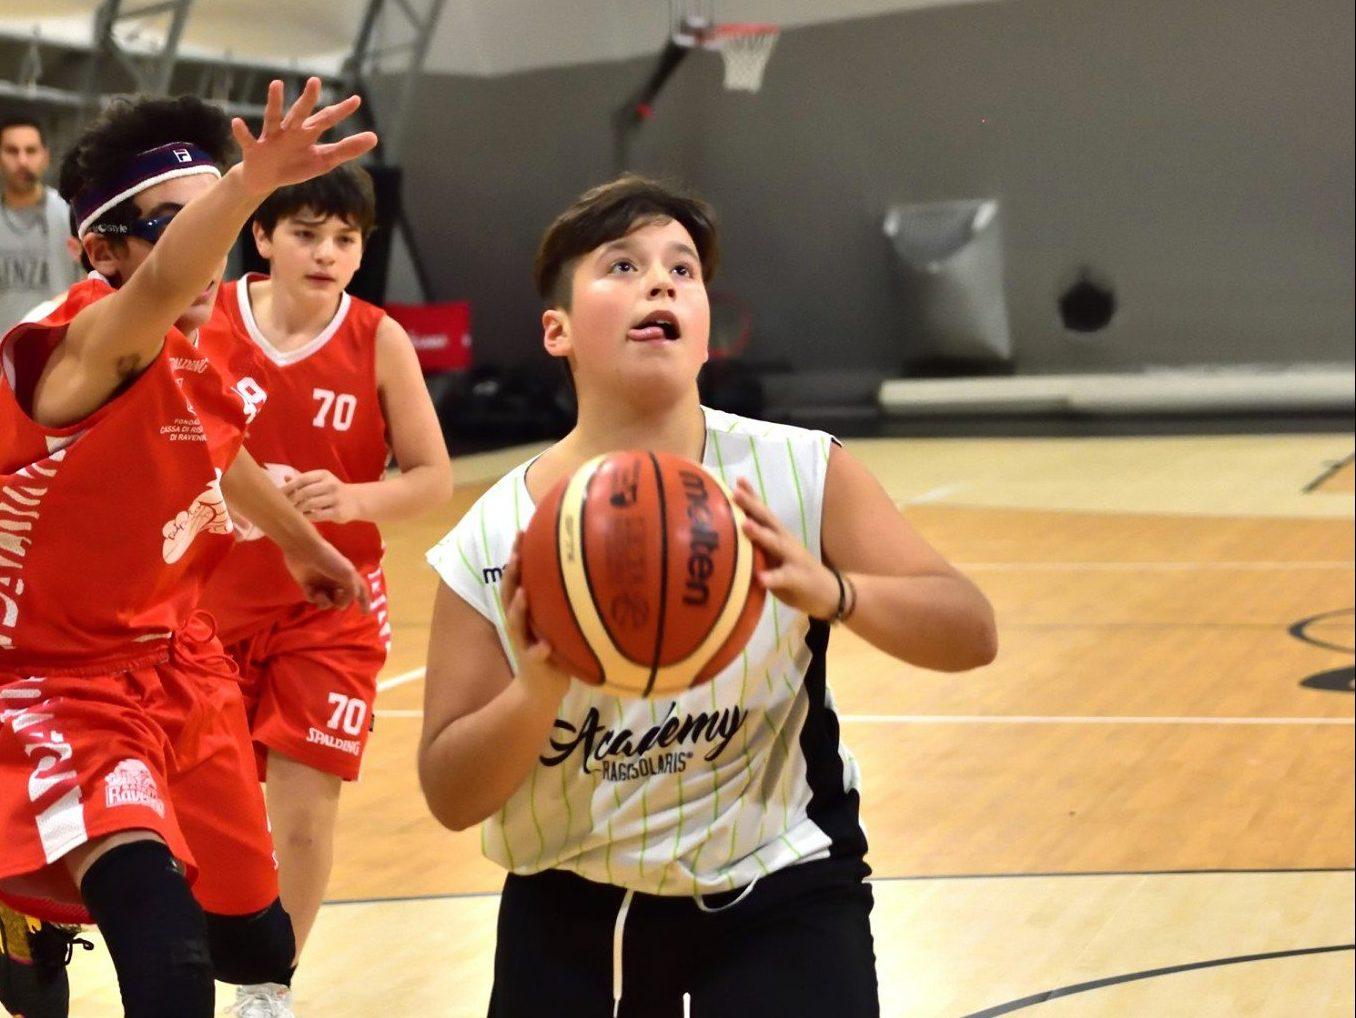 Under 14: Prestazione In Chiaroscuro Contro Imola